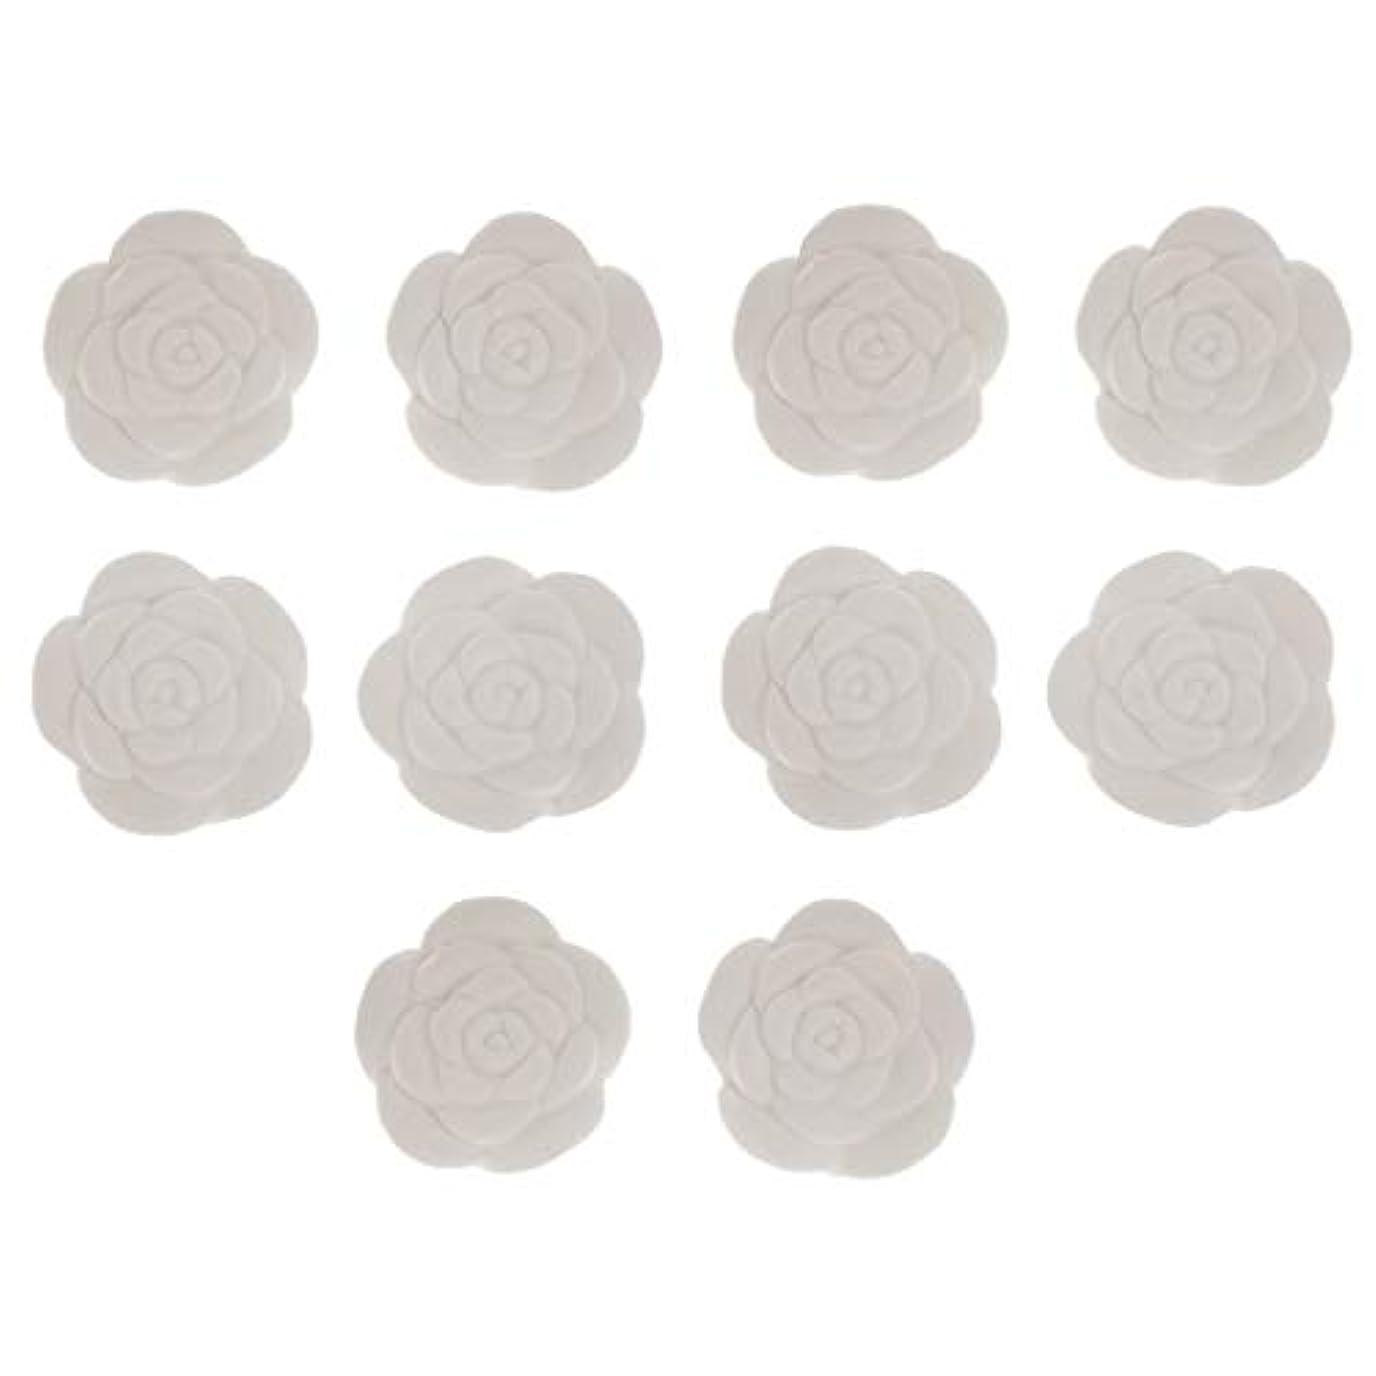 平野バラエティ美容師アロマストーン エッセンシャルオイル用 花形 10個 オフィス用 車用 家庭用